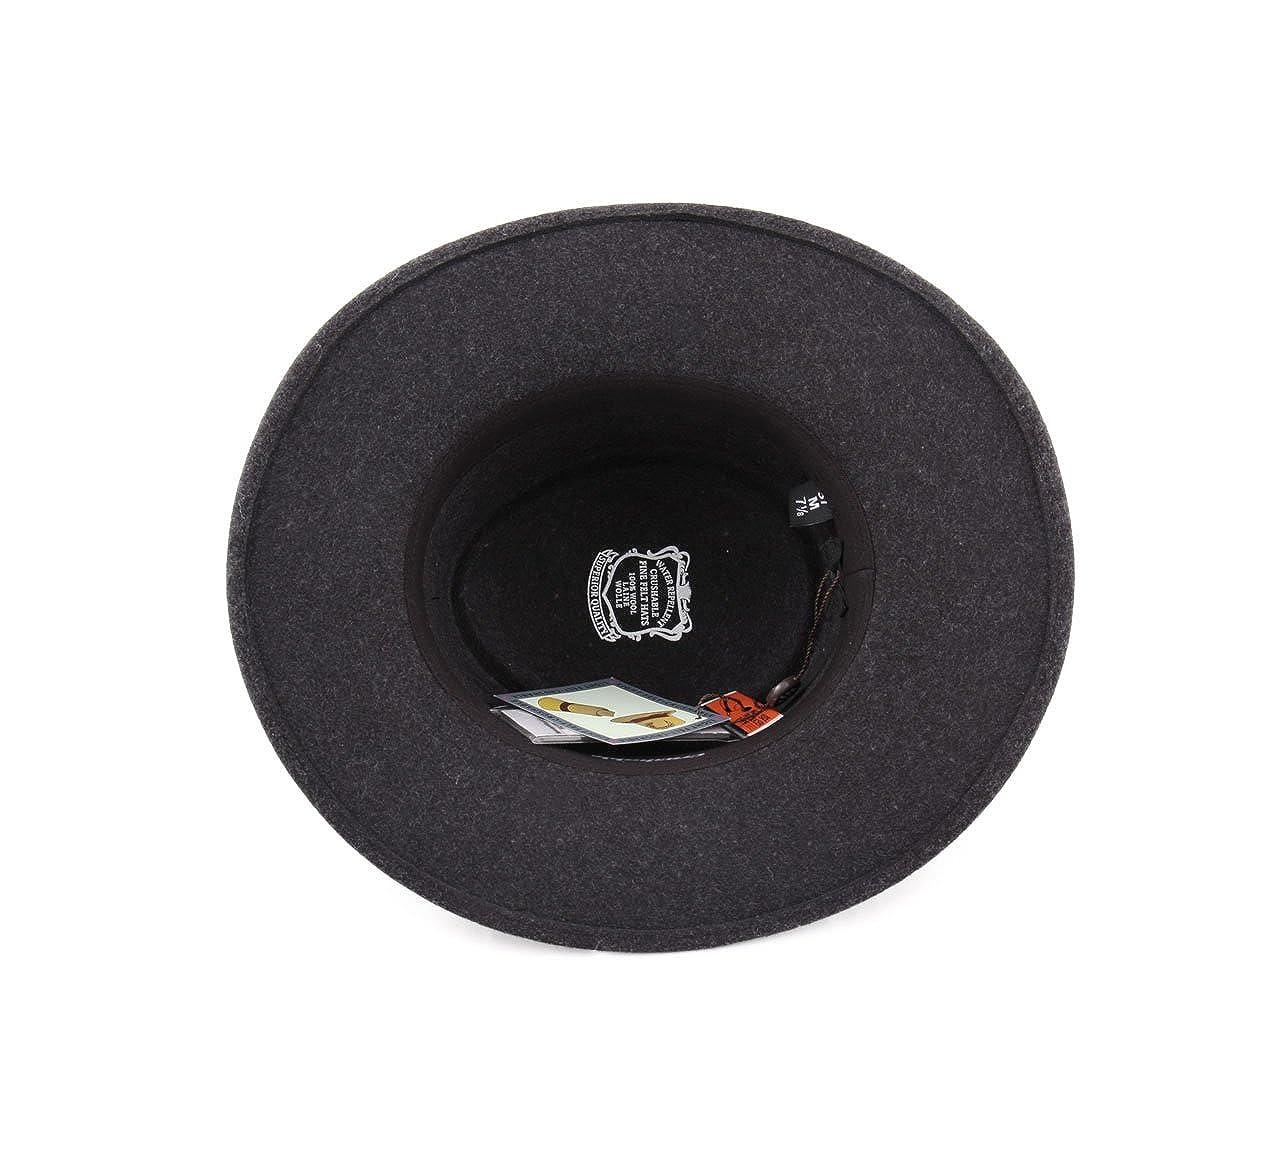 Classic Italy - Sombrero Fedora Hombre Nude Cordobes  Amazon.es  Ropa y  accesorios 0fe54ea10ec